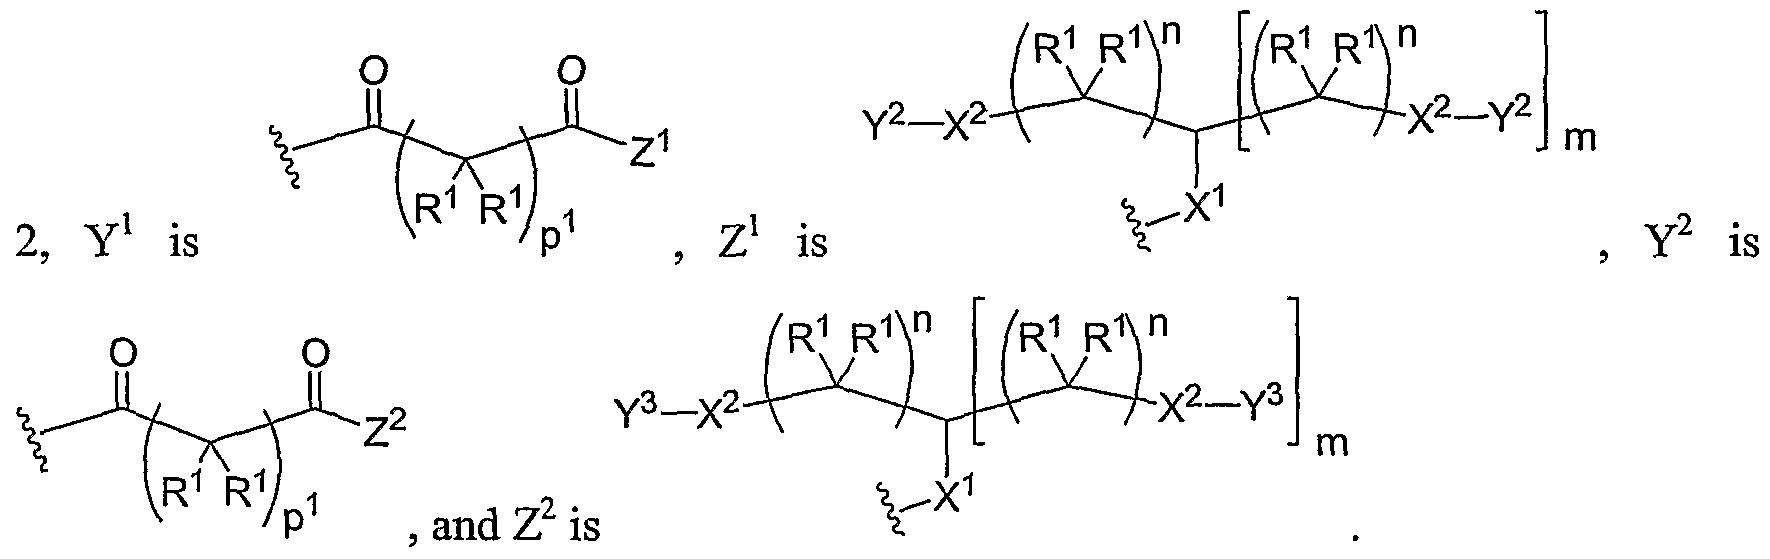 Figure imgf000110_0003